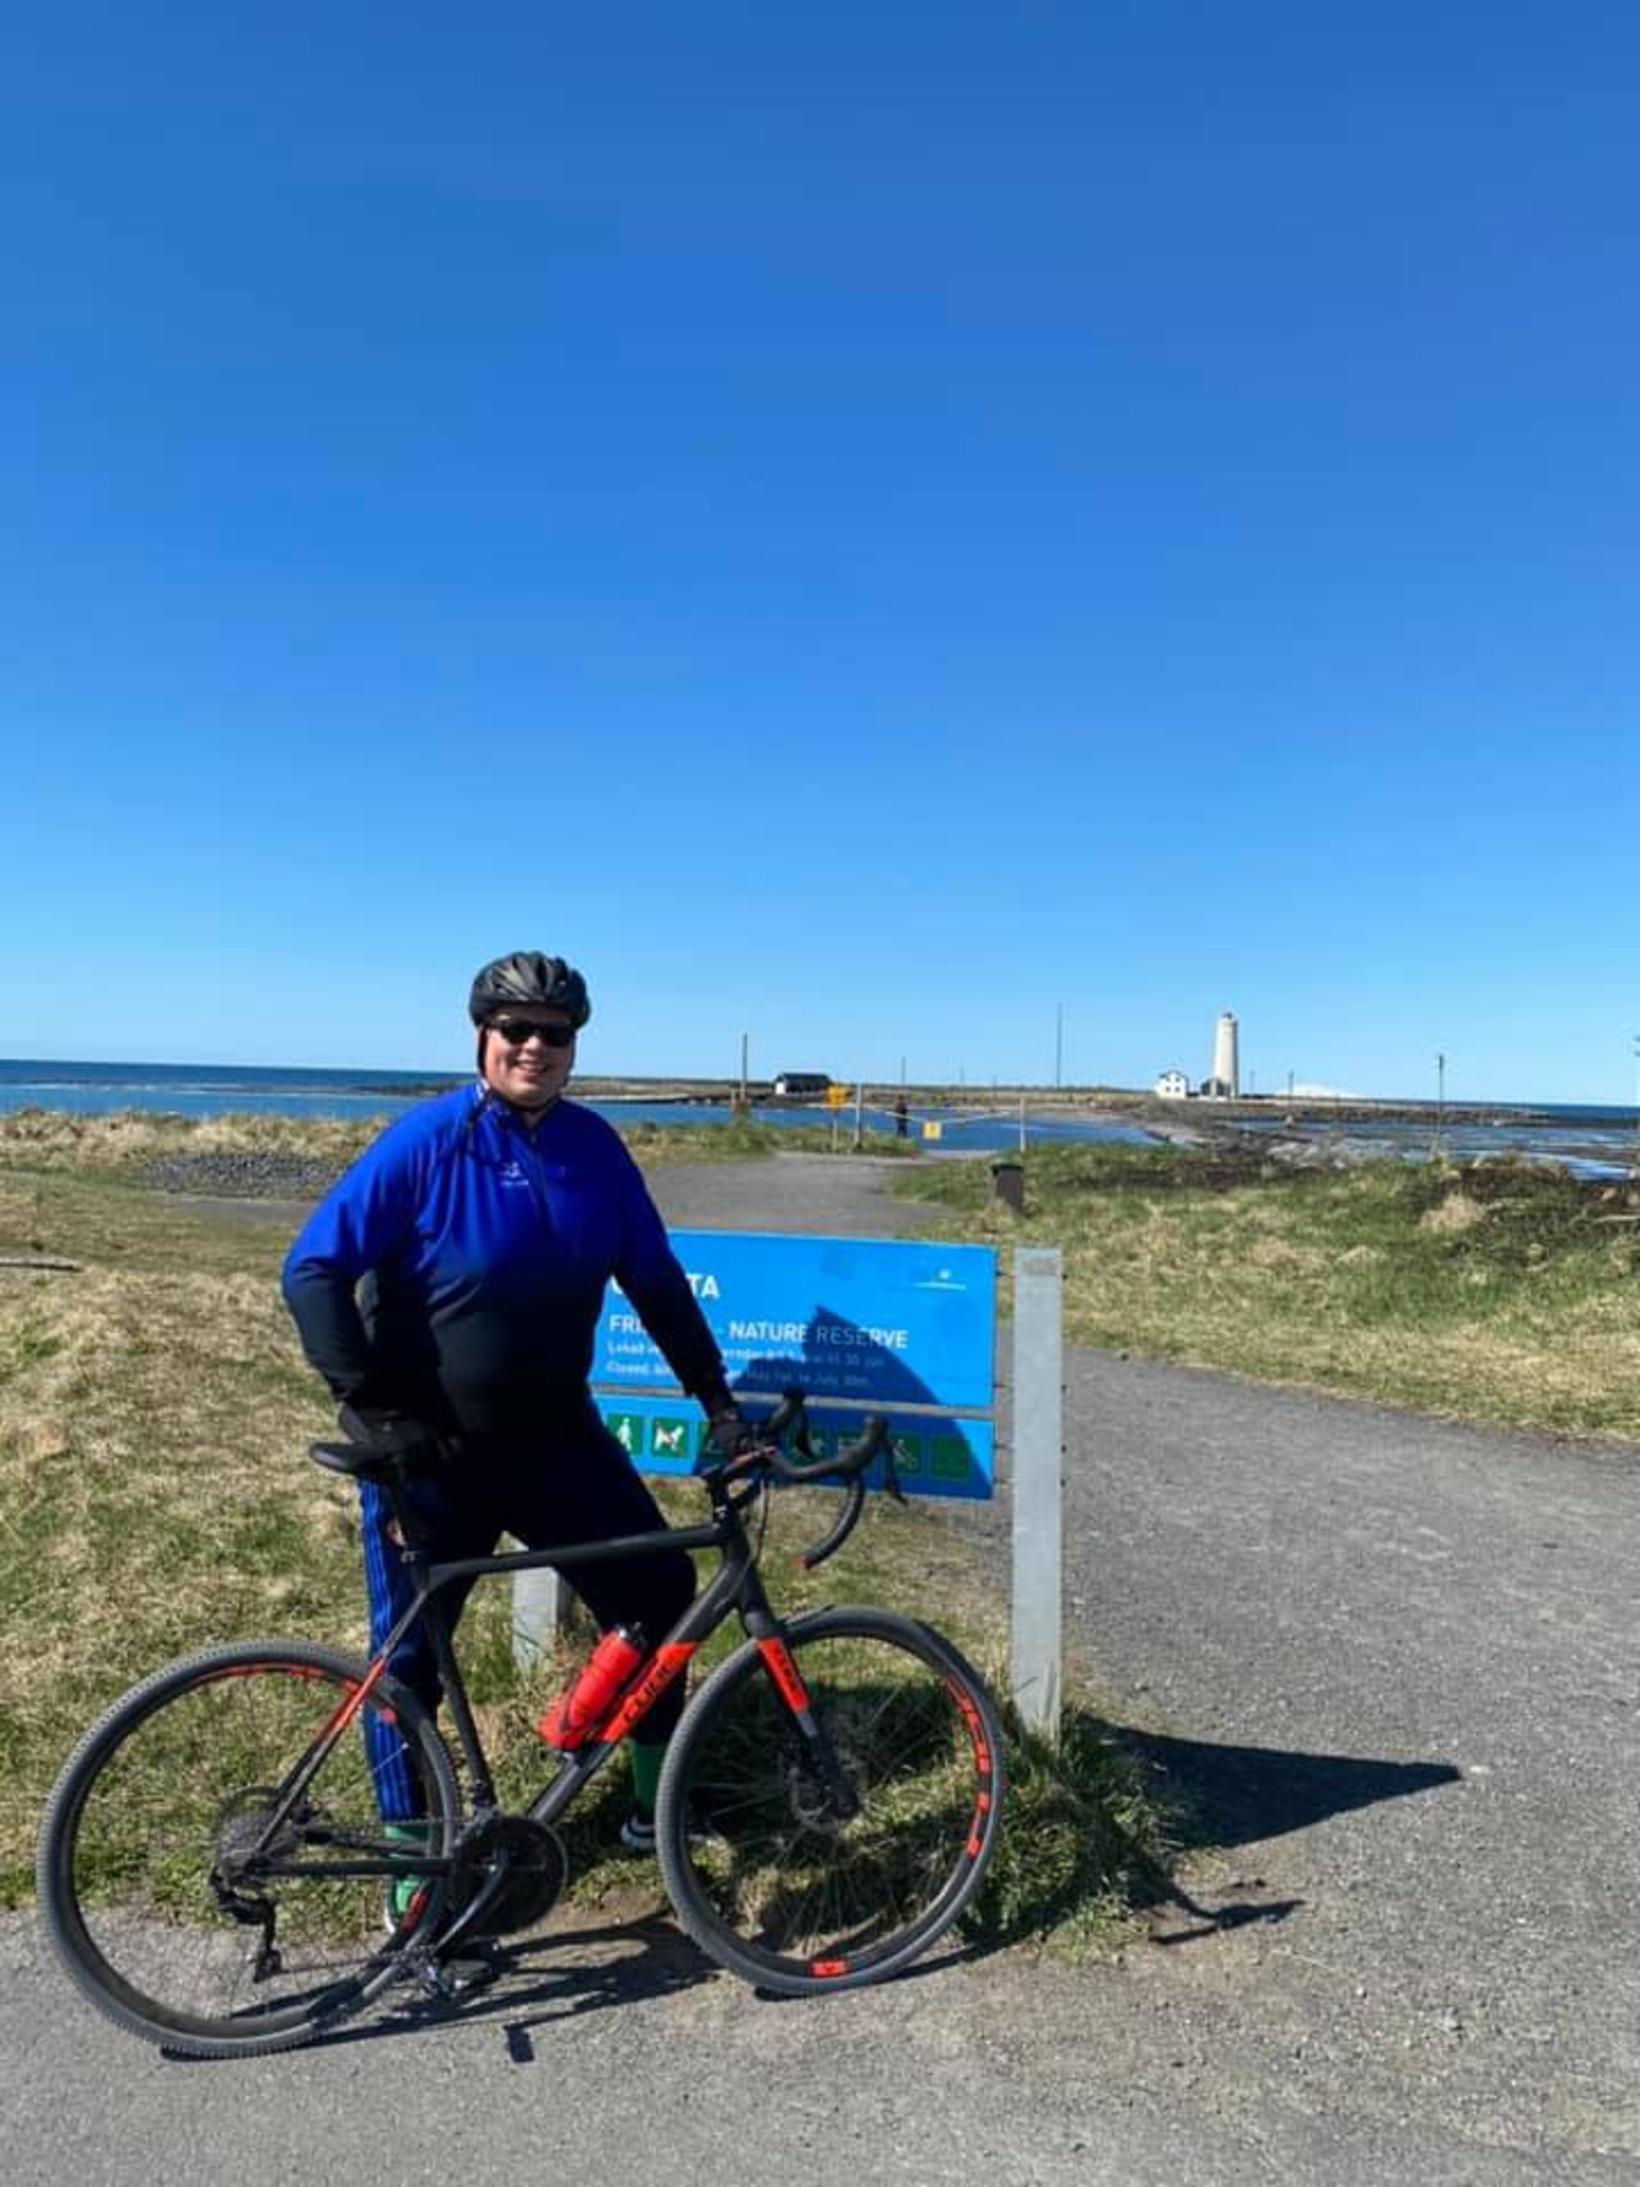 Siggi Gunnars hefur hjólað mikið upp á síðkastið og var …